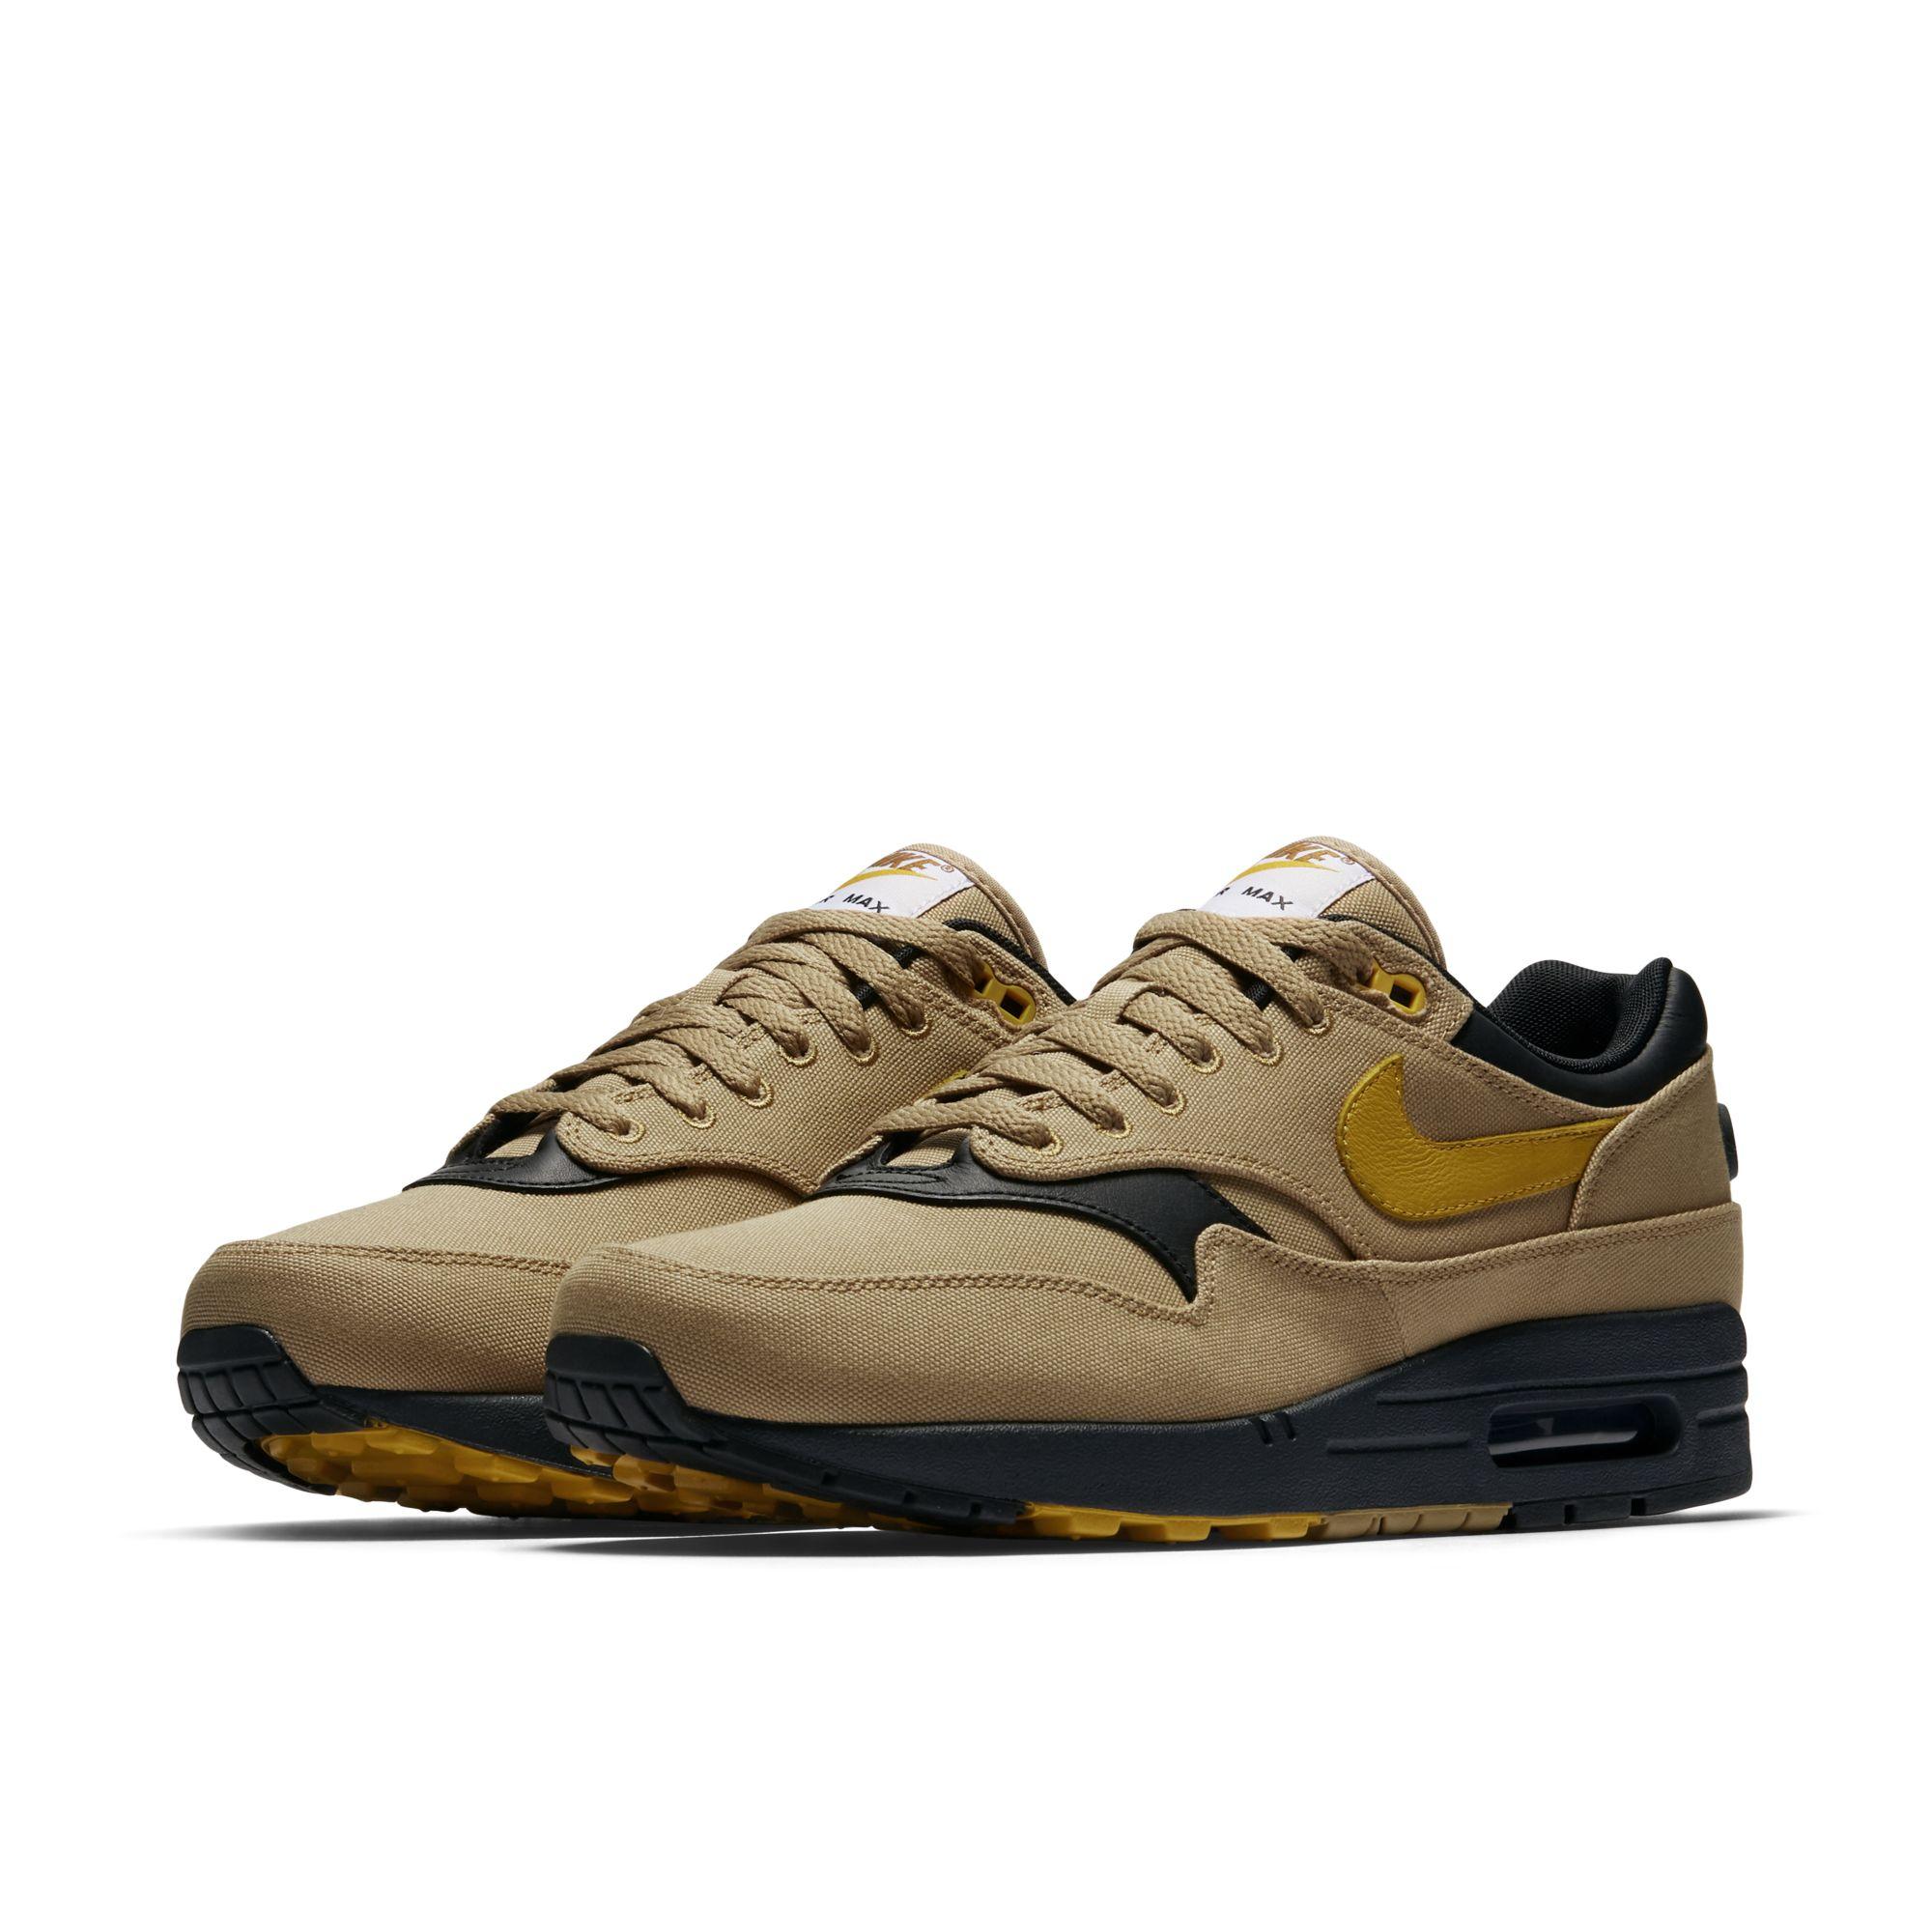 Nike Air Max 1 PRM